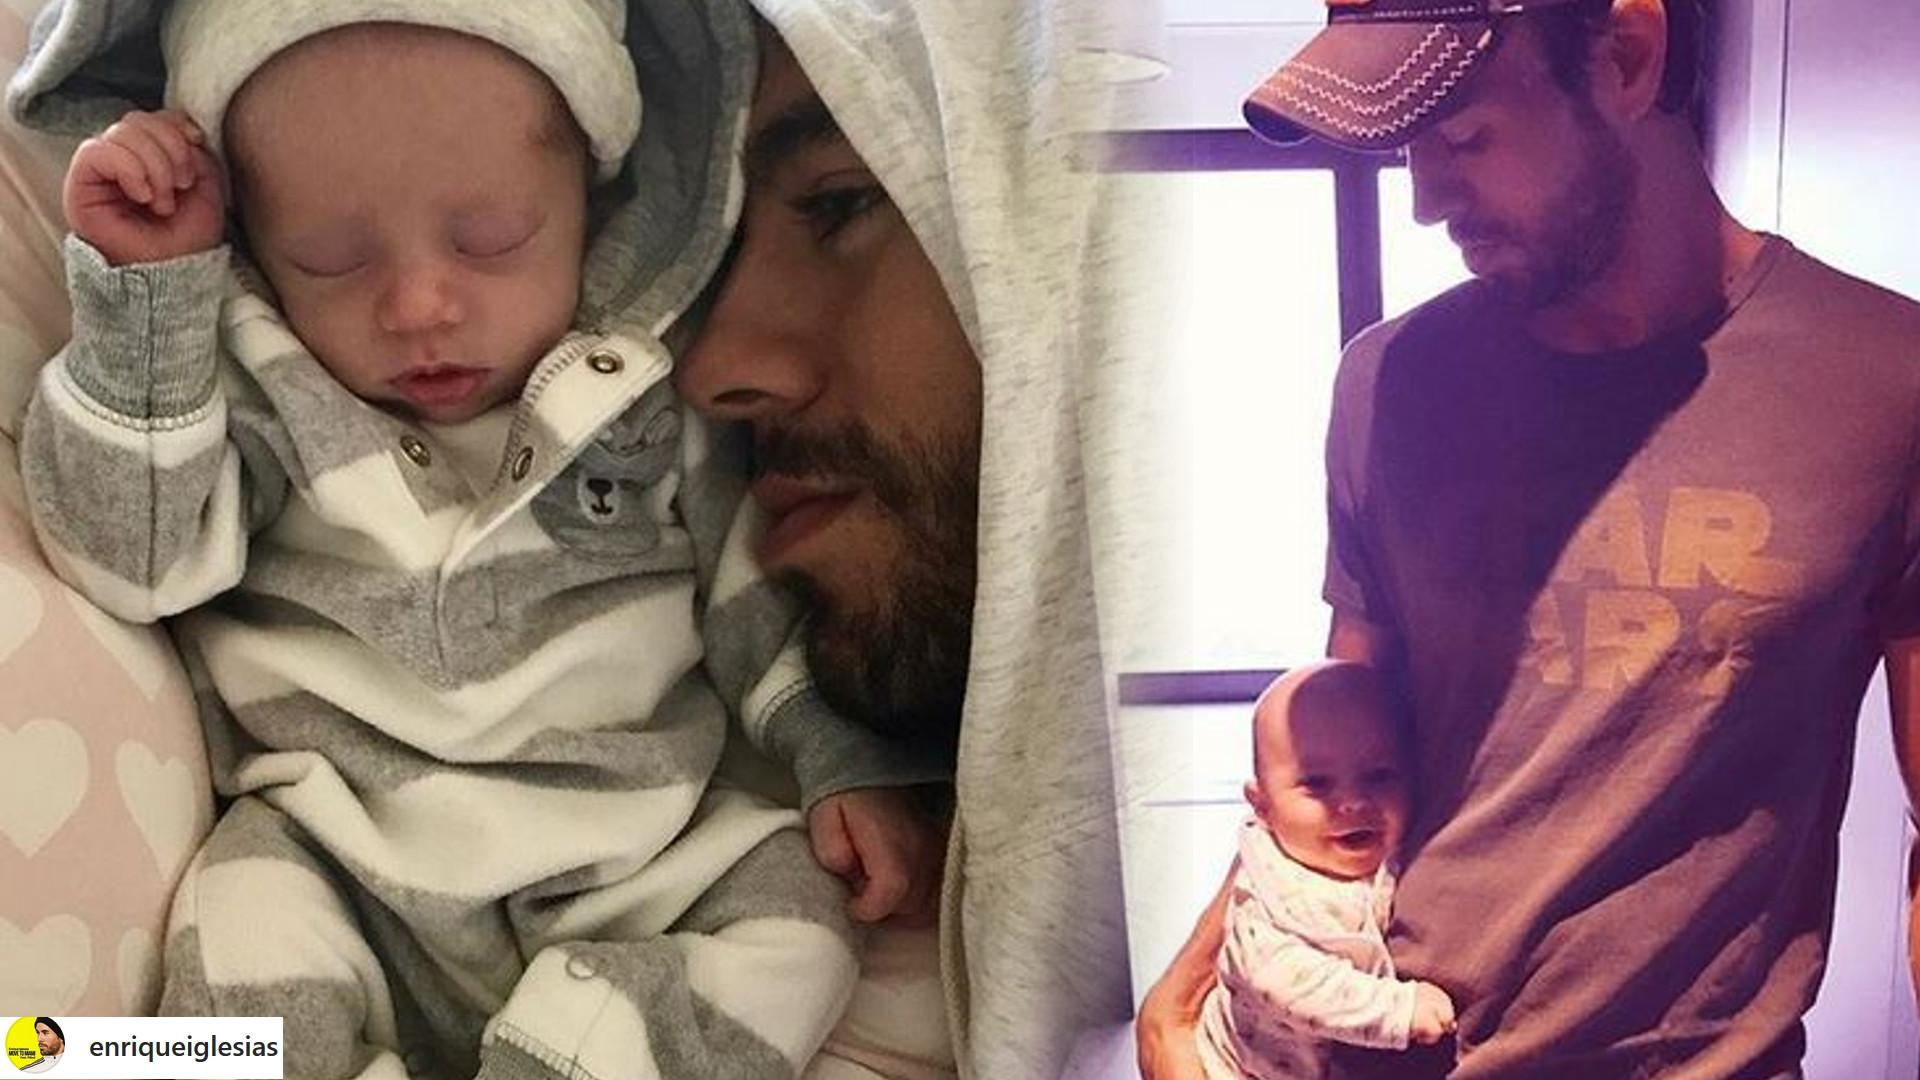 Enrique Iglesias pokazał NIETYPOWĄ zabawę z dziećmi